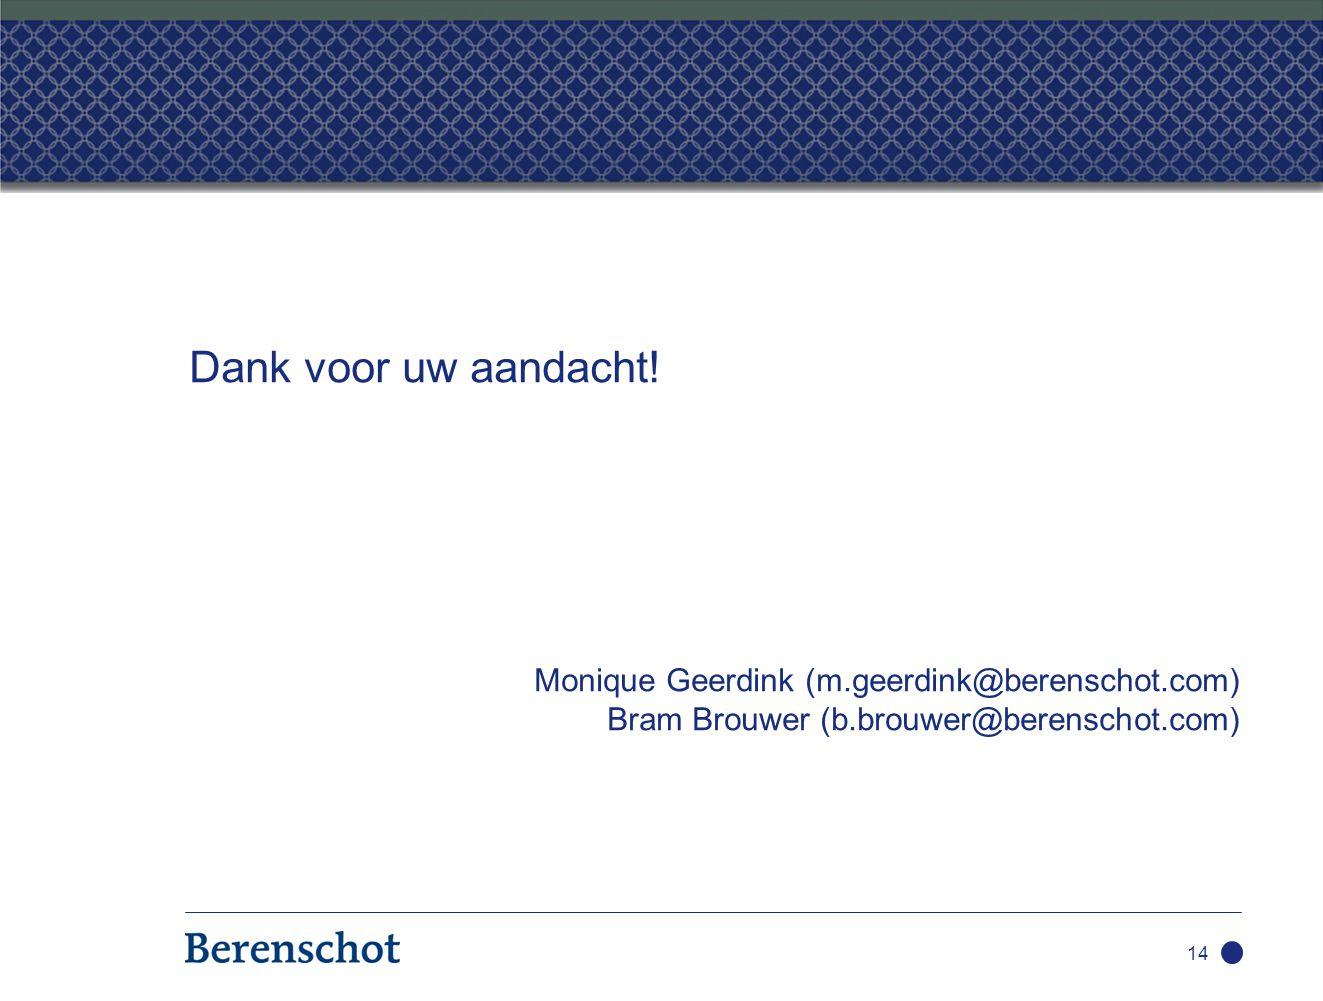 Dank voor uw aandacht! Monique Geerdink (m.geerdink@berenschot.com) Bram Brouwer (b.brouwer@berenschot.com) 14